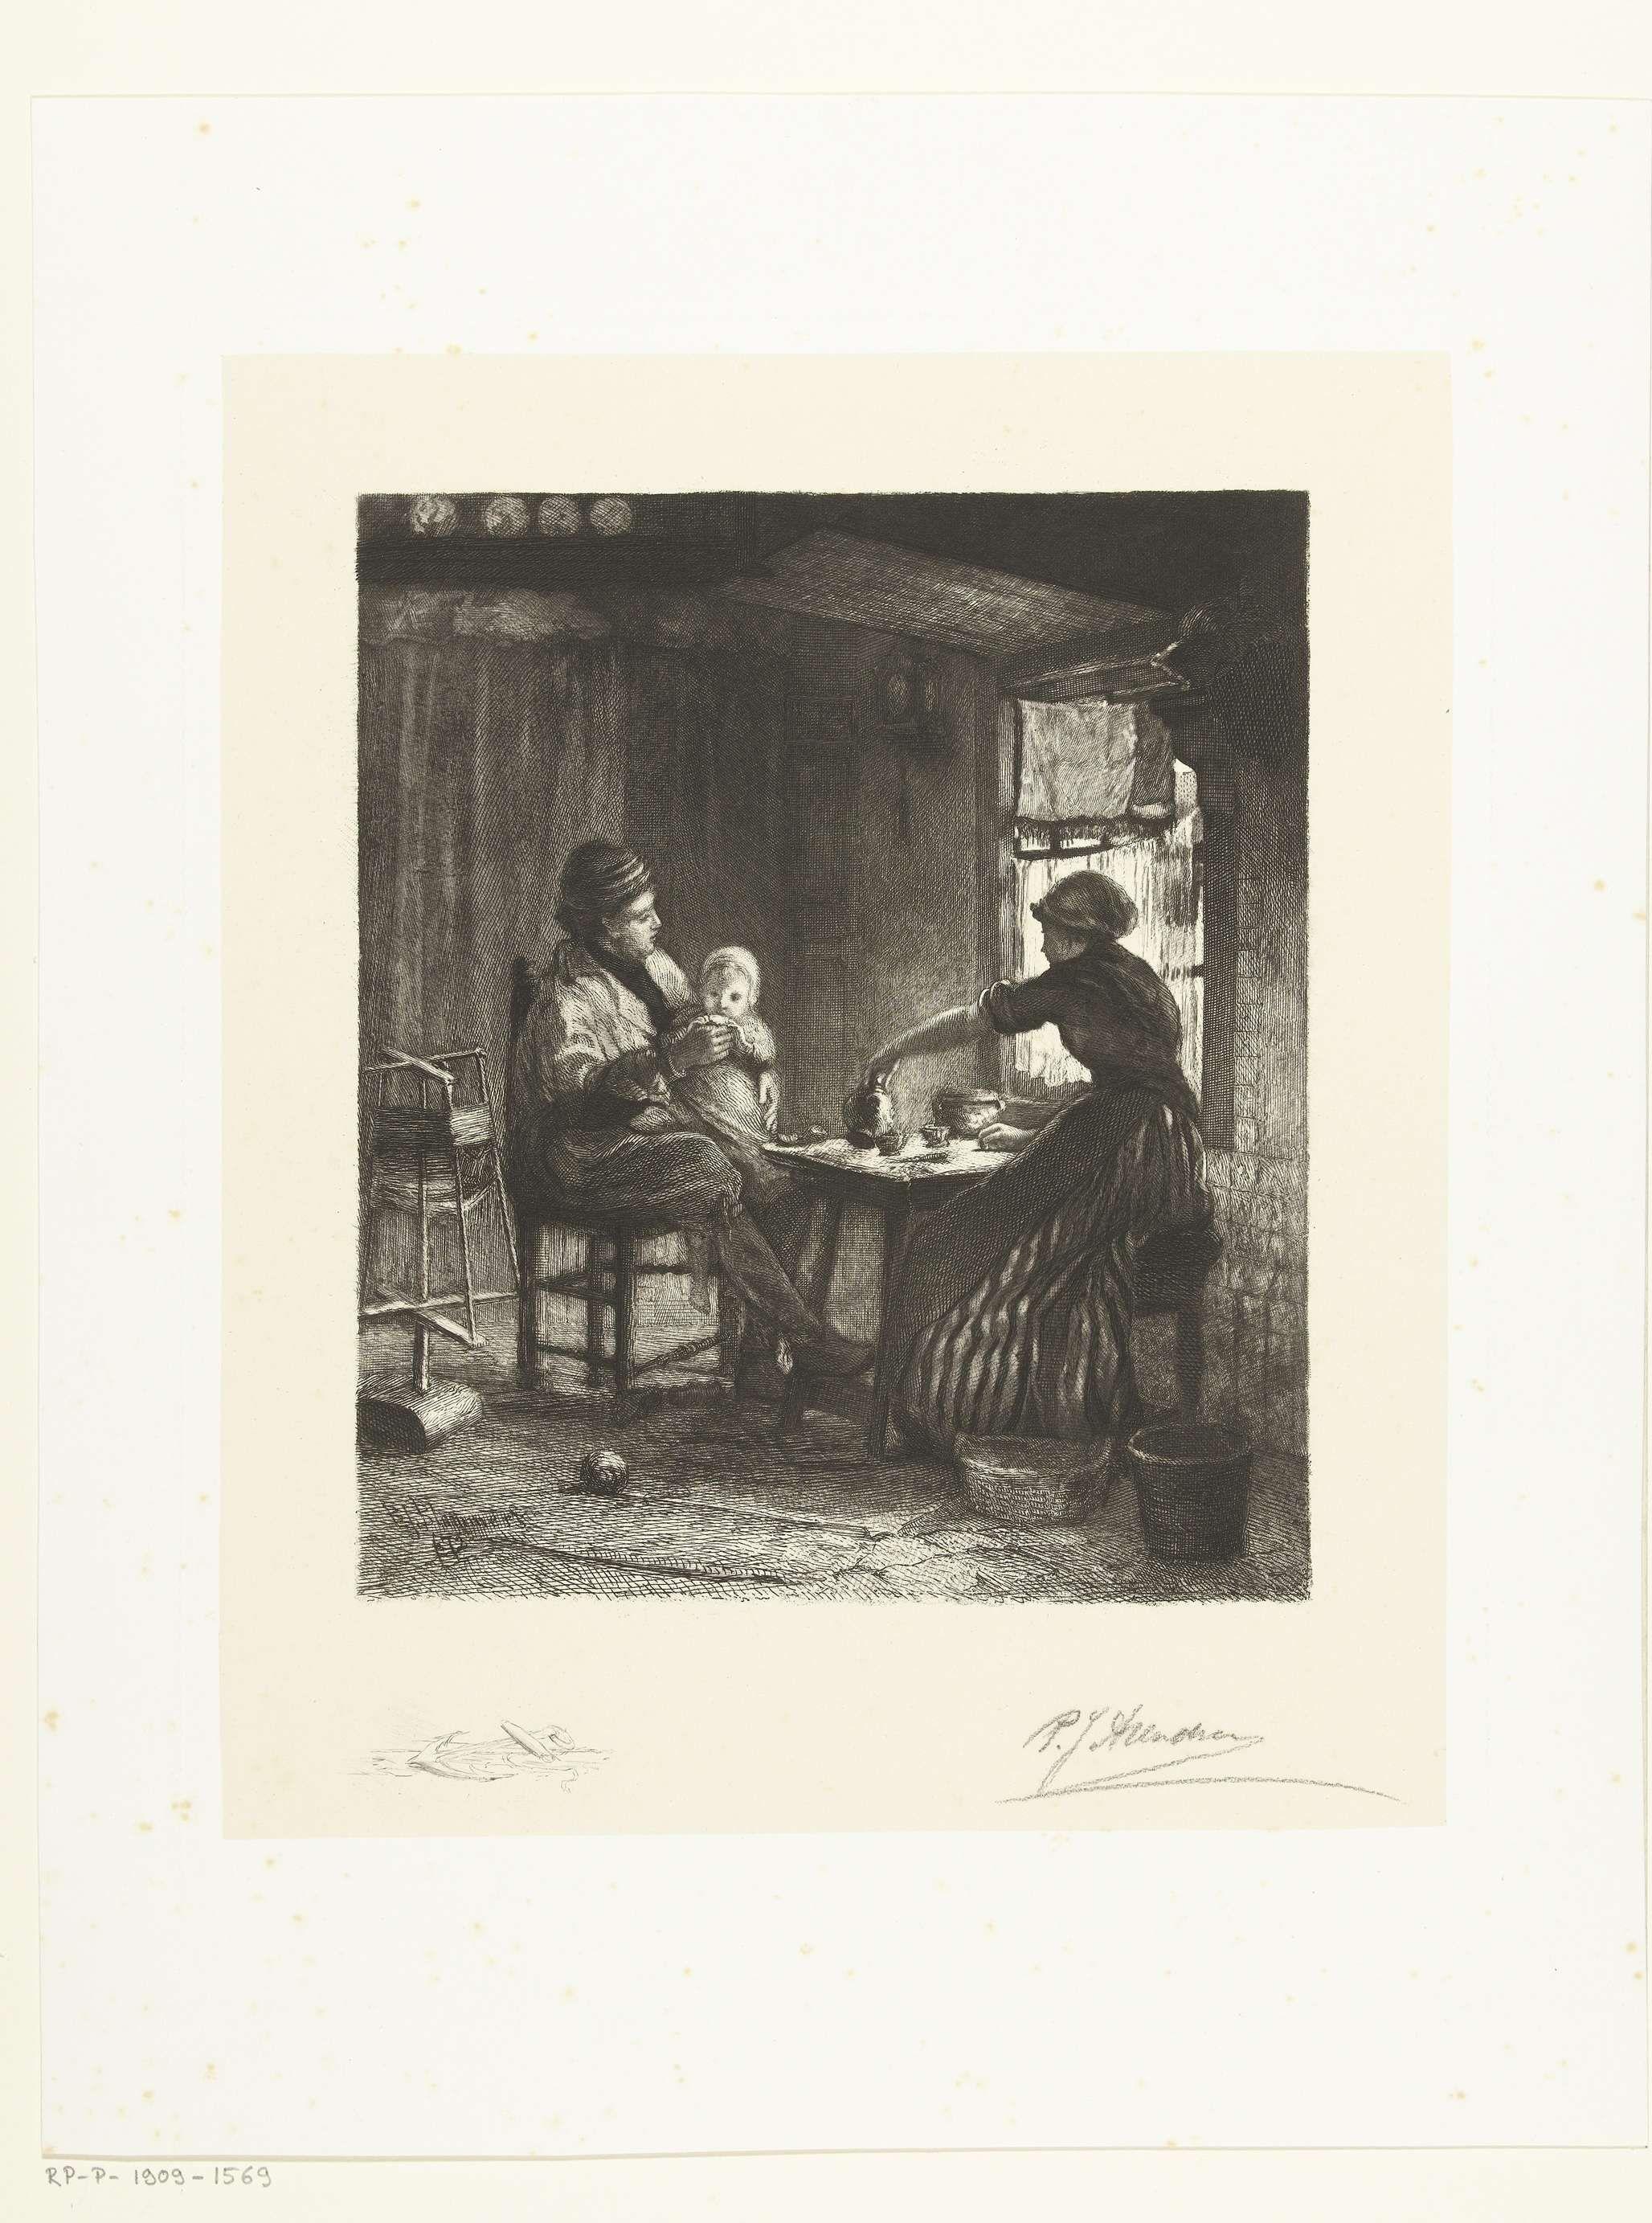 Petrus Johannes Arendzen | Vissersgezin aan het ontbijt, Petrus Johannes Arendzen, 1856 - 1909 | Interieur met een vissersgezin bij het ontbijt. Links staat een wolspin. In marge een anker.